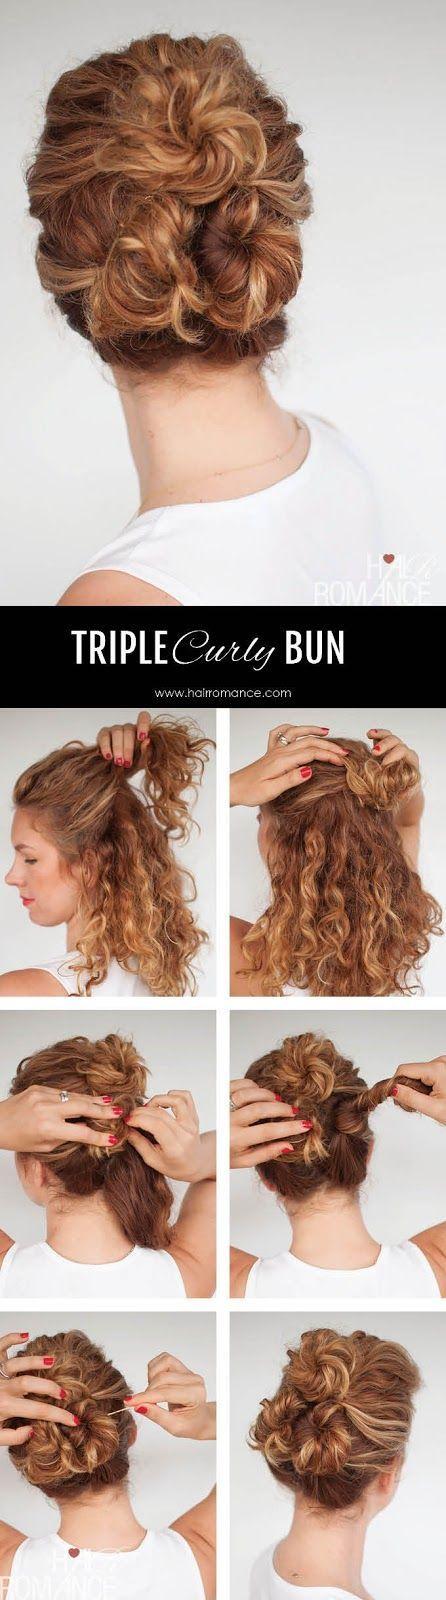 Mis divinas onduladas este post está hecho especialmente para ustedes.  Muchas me escriben pidiendo recomendaciones para llevar su cabello. ...